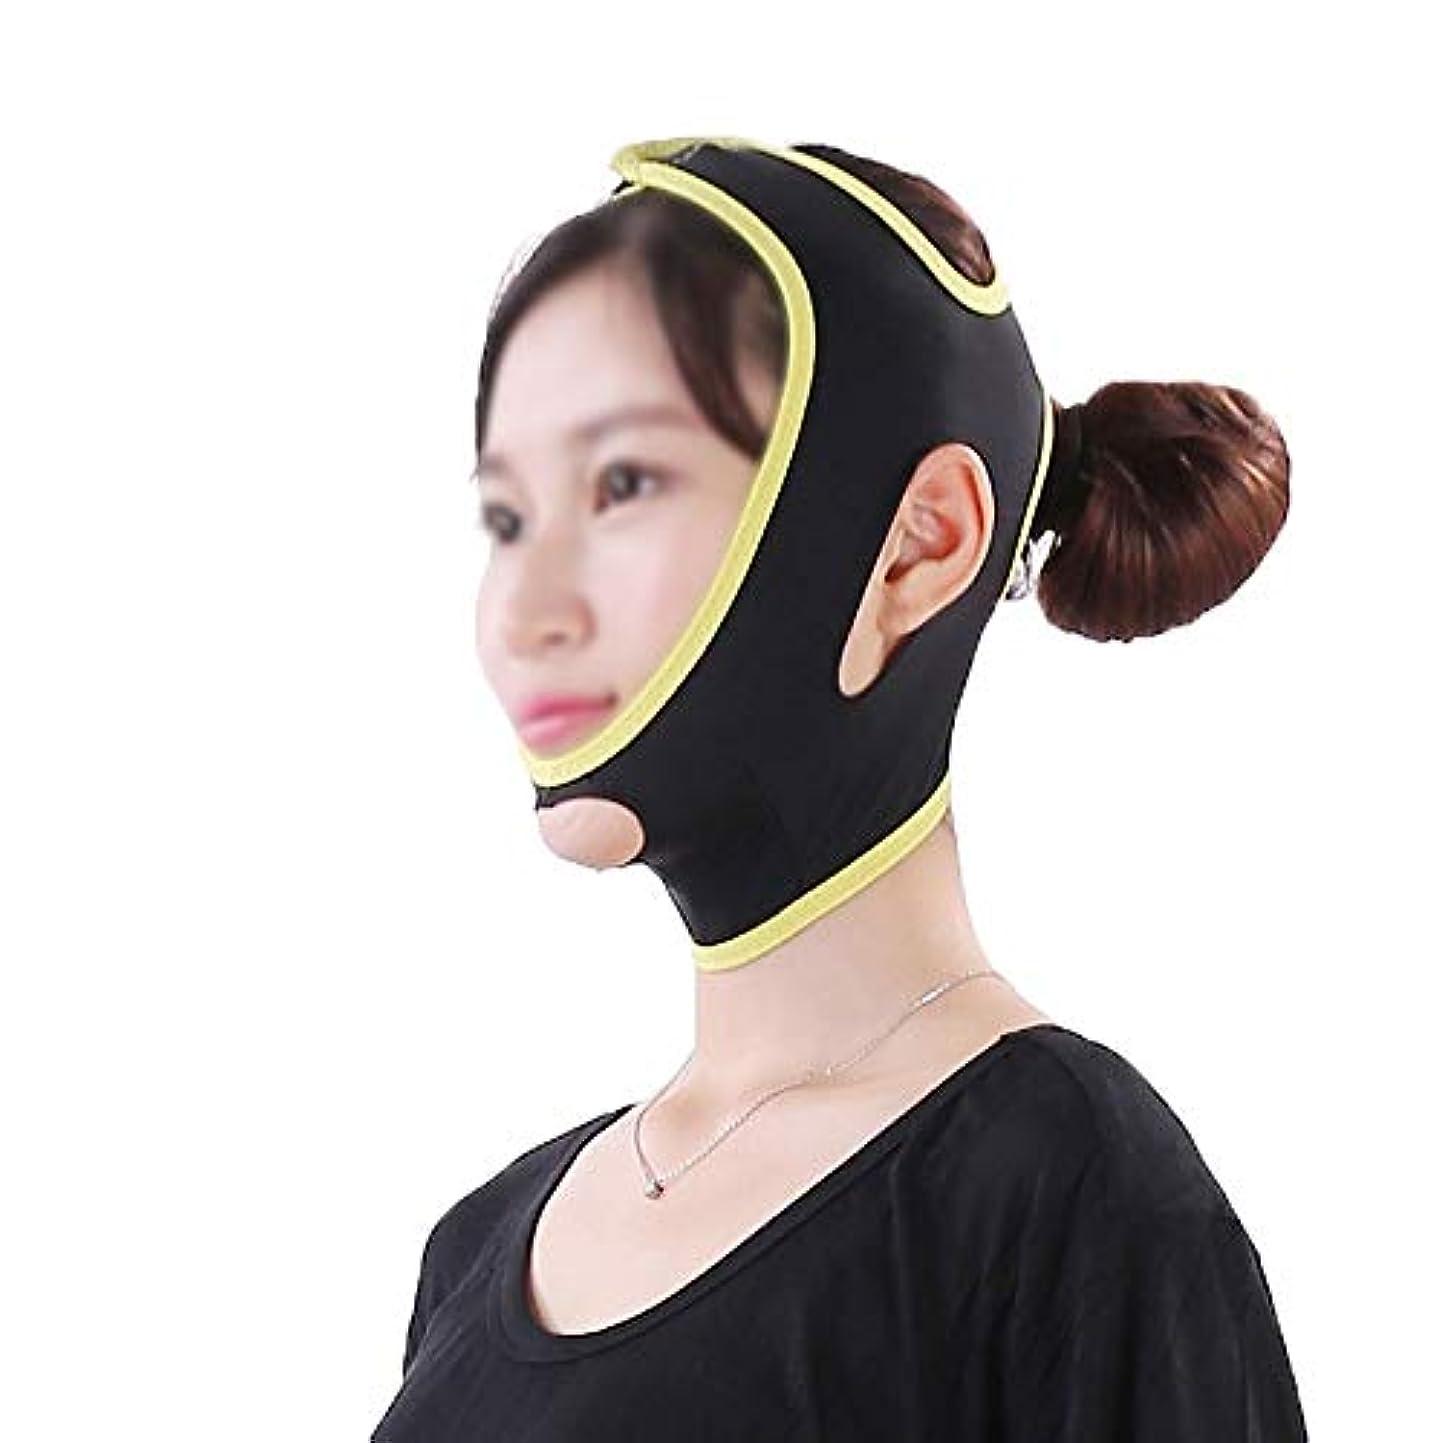 乳製品適合追い出すTLMY フェイス&ネックリフトシンフェイスマスクパワフルマスクフェイスリフトアーチファクトフェイスリフトフェイスツールシンフェイス包帯シンフェイスマスク美容マスク 顔用整形マスク (Size : L)